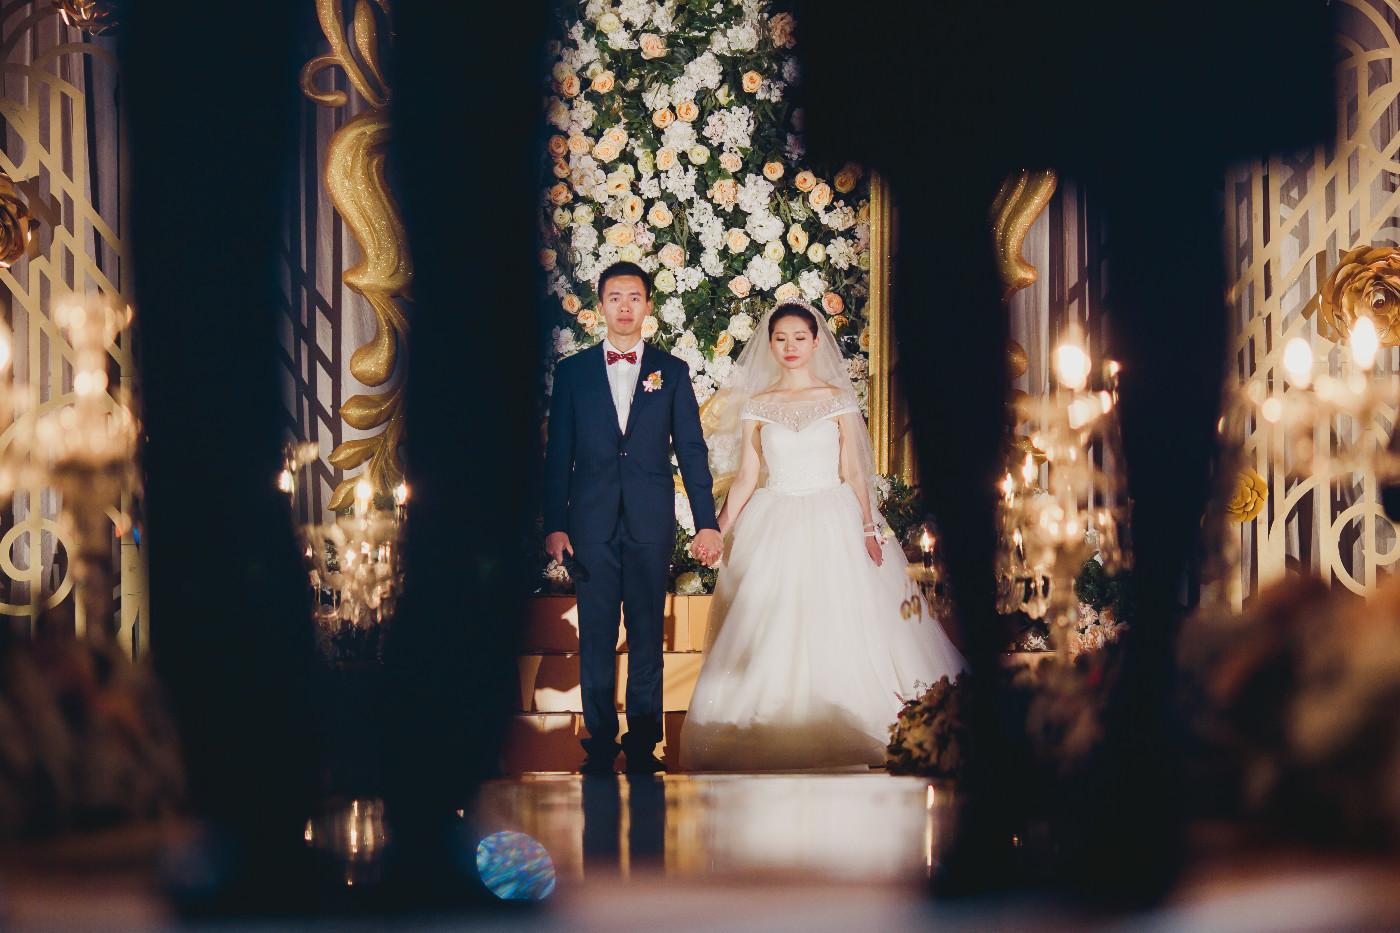 Mr. & Mrs. Zhang35